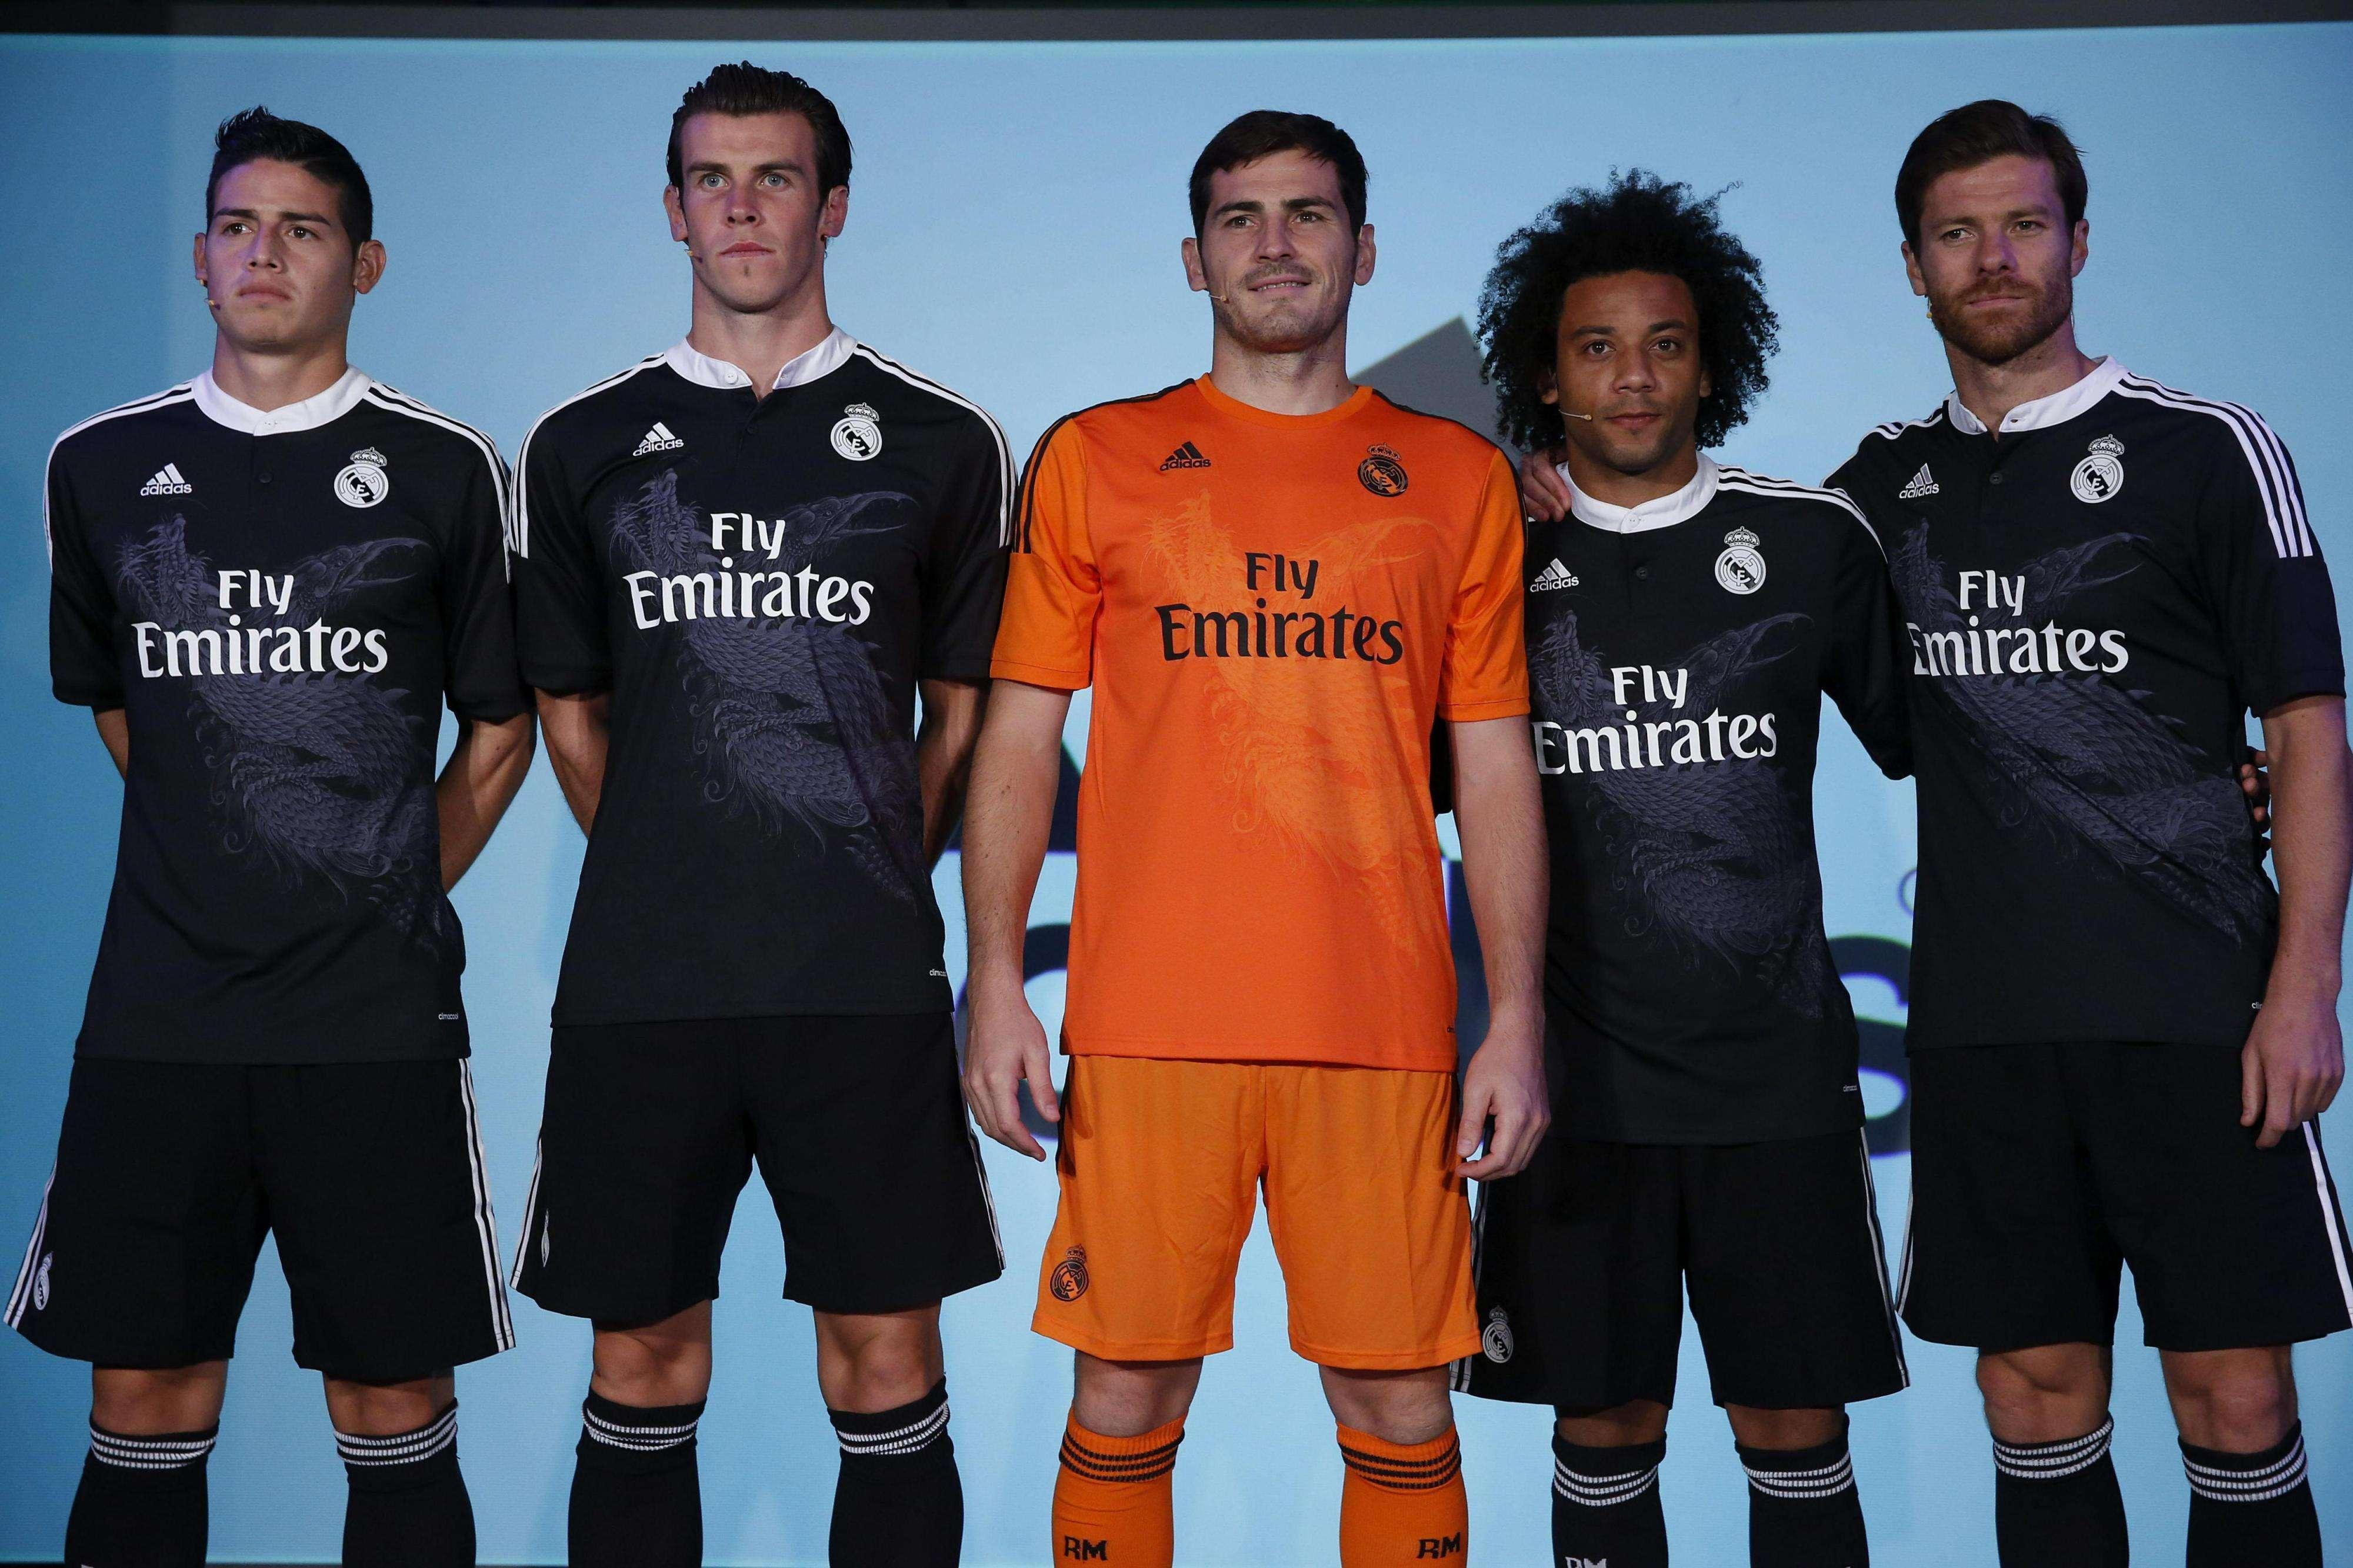 Nova camisa do Real Madrid para a Liga dos Campeões tem estampa de dragão Foto: Juan Carlos Hidalgo/EFE